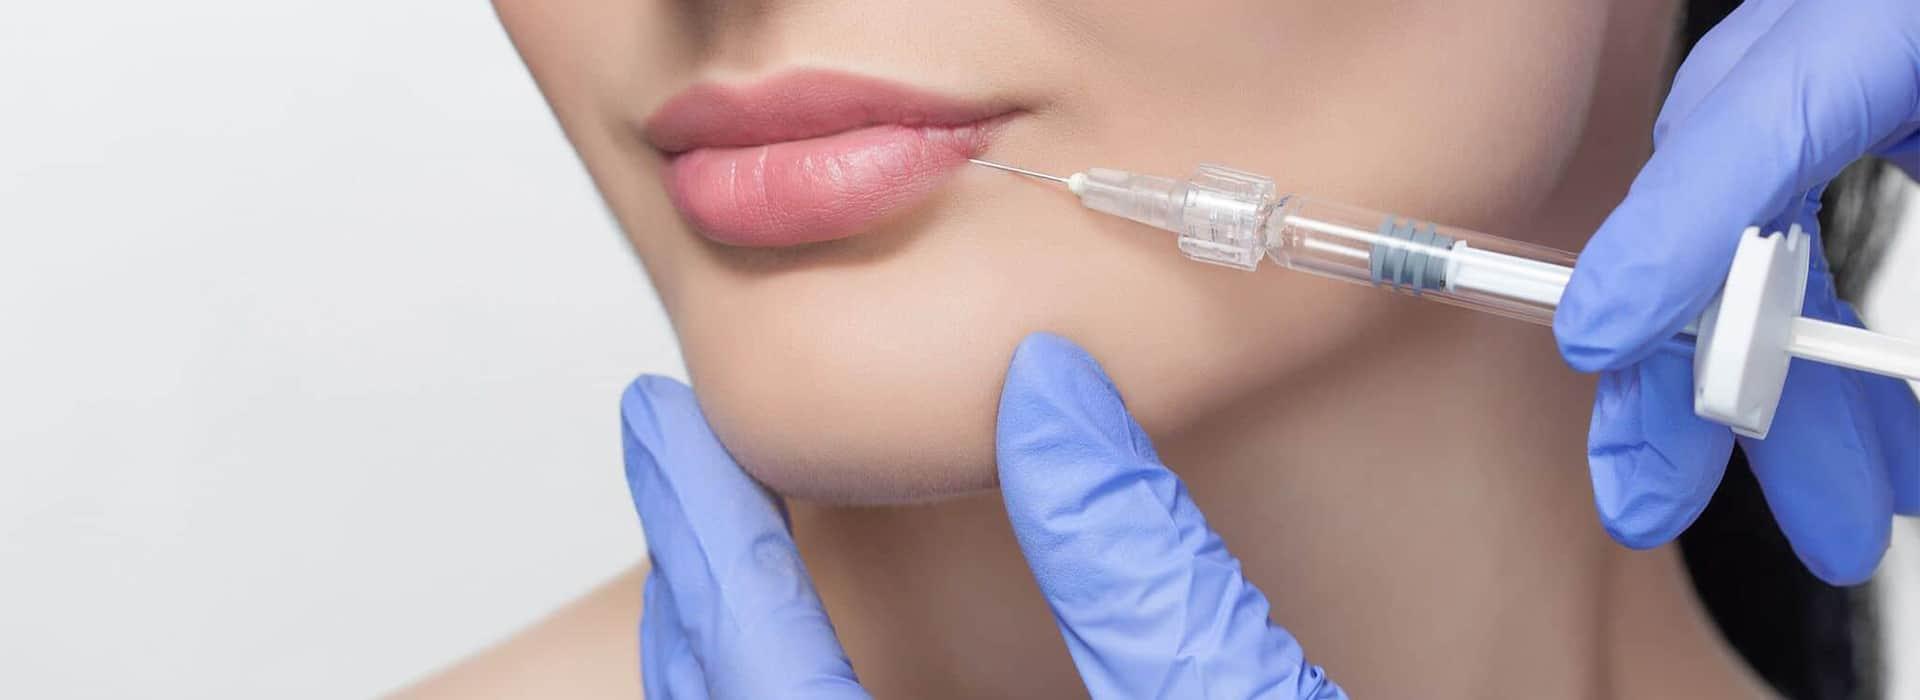 services-lip-augmentation